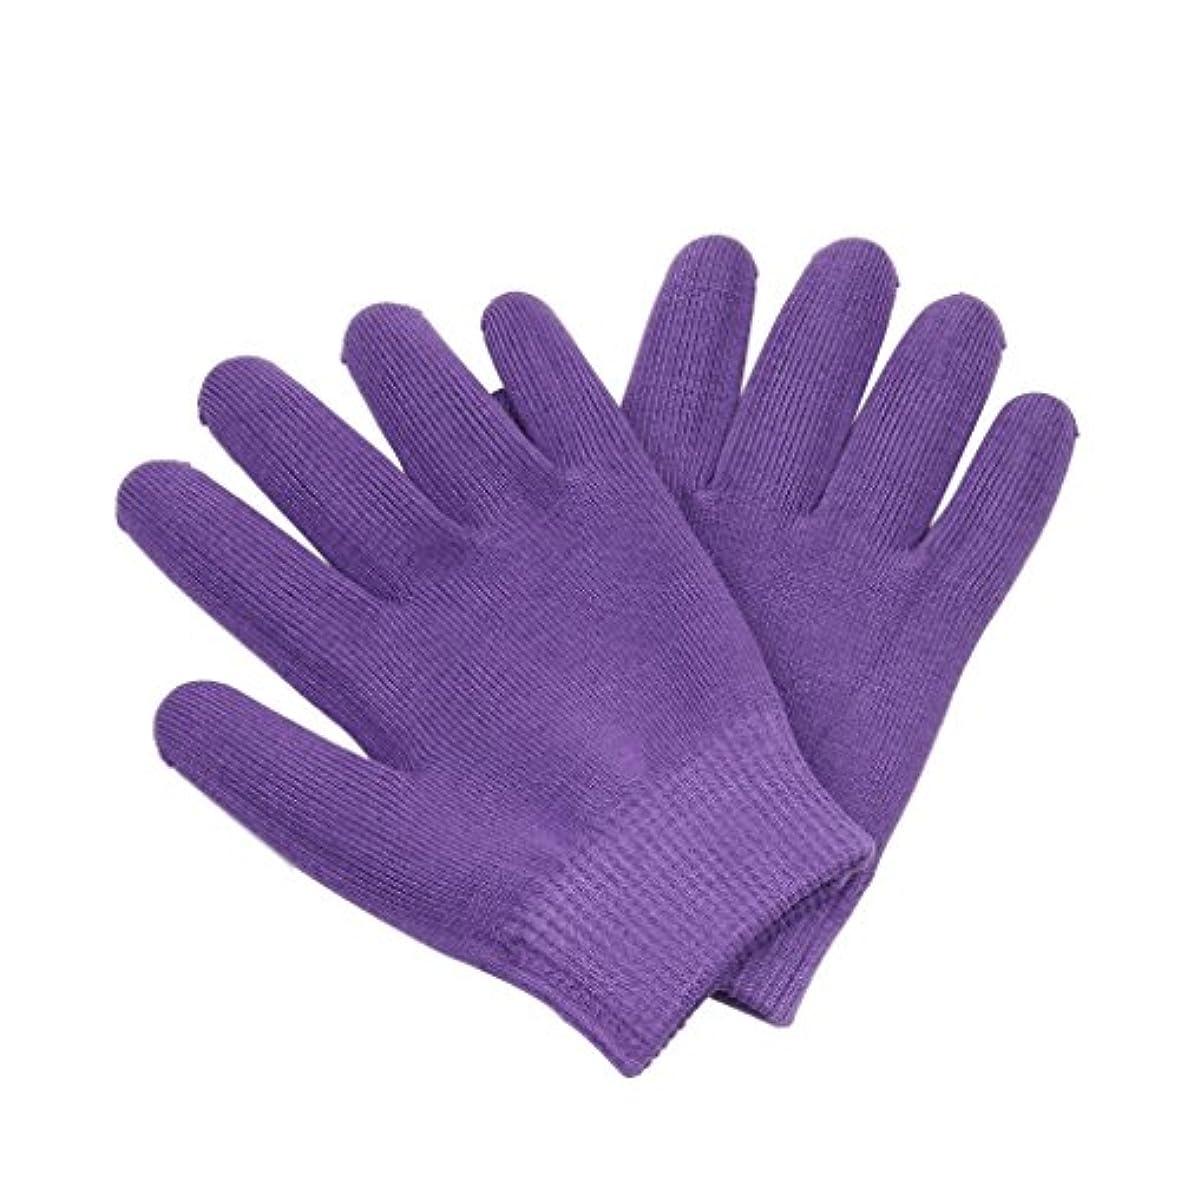 見ました呪われたスリットSONONIA 保湿手袋 おやすみ手袋 就寝用 手袋 手湿疹 肌荒れ 乾燥防止 乾燥肌 手荒れ 保湿 スキンケア 全3色選べ - 紫